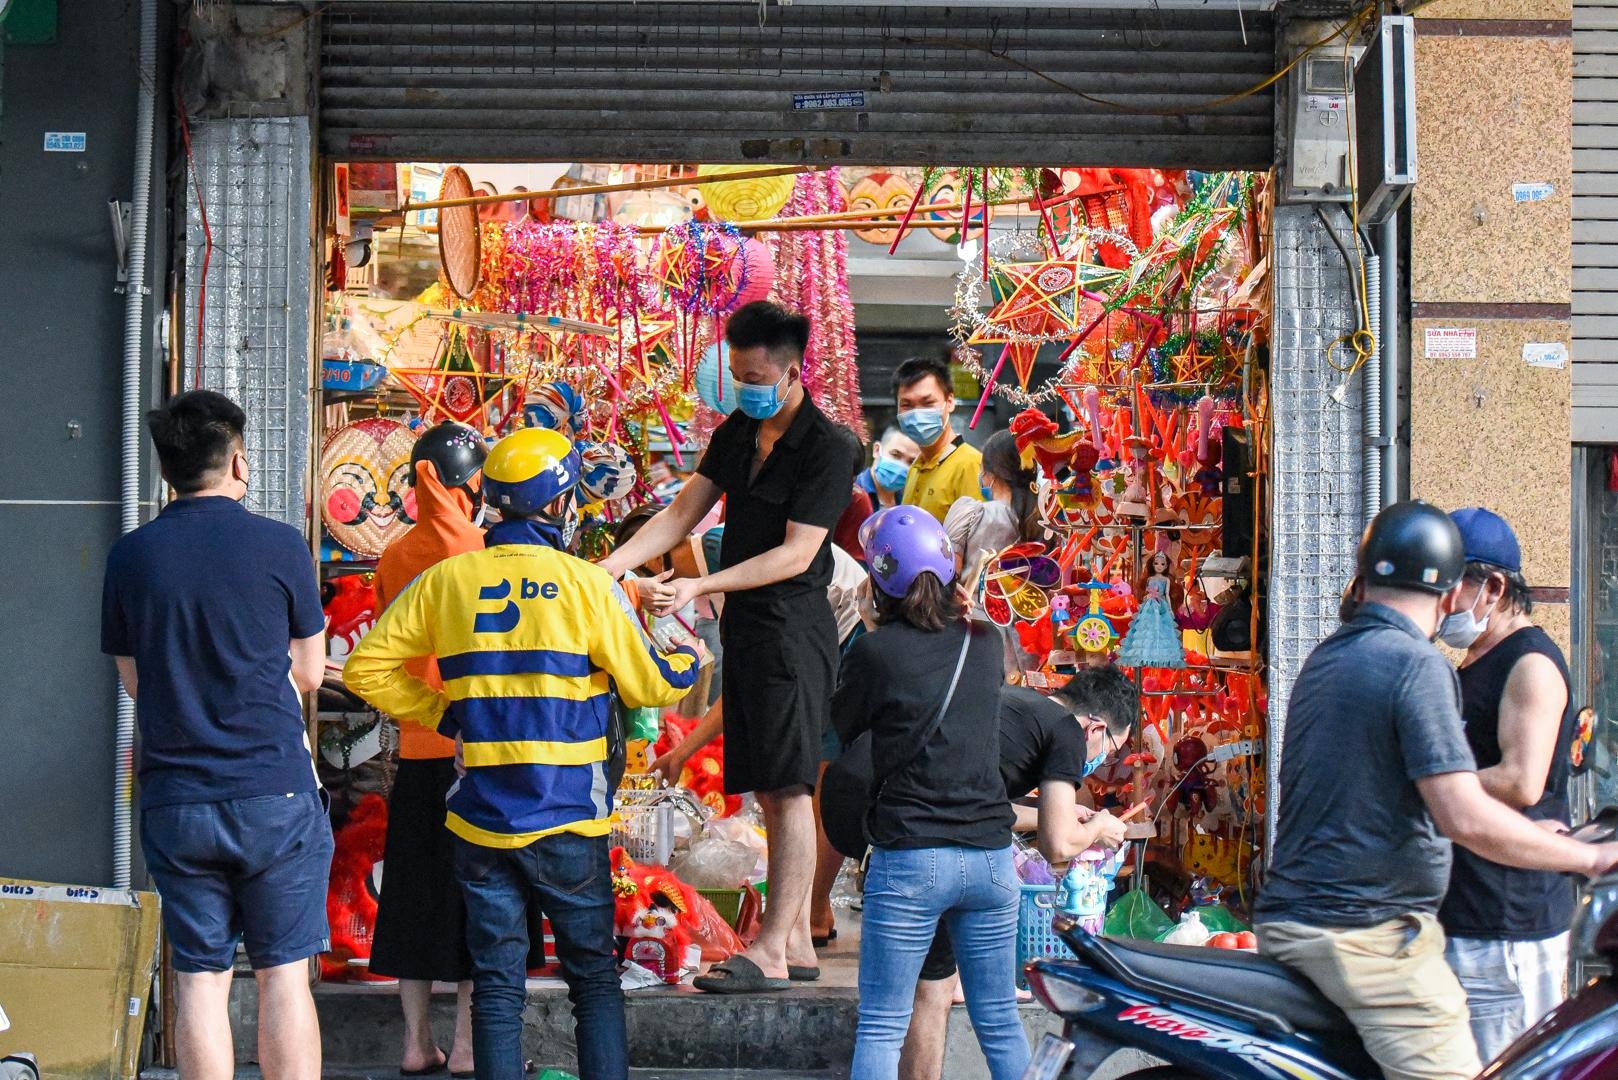 Chưa từng thấy ở phố Trung Thu: Thoắt vắng thoắt đông, mở cửa như 'đánh du kích'